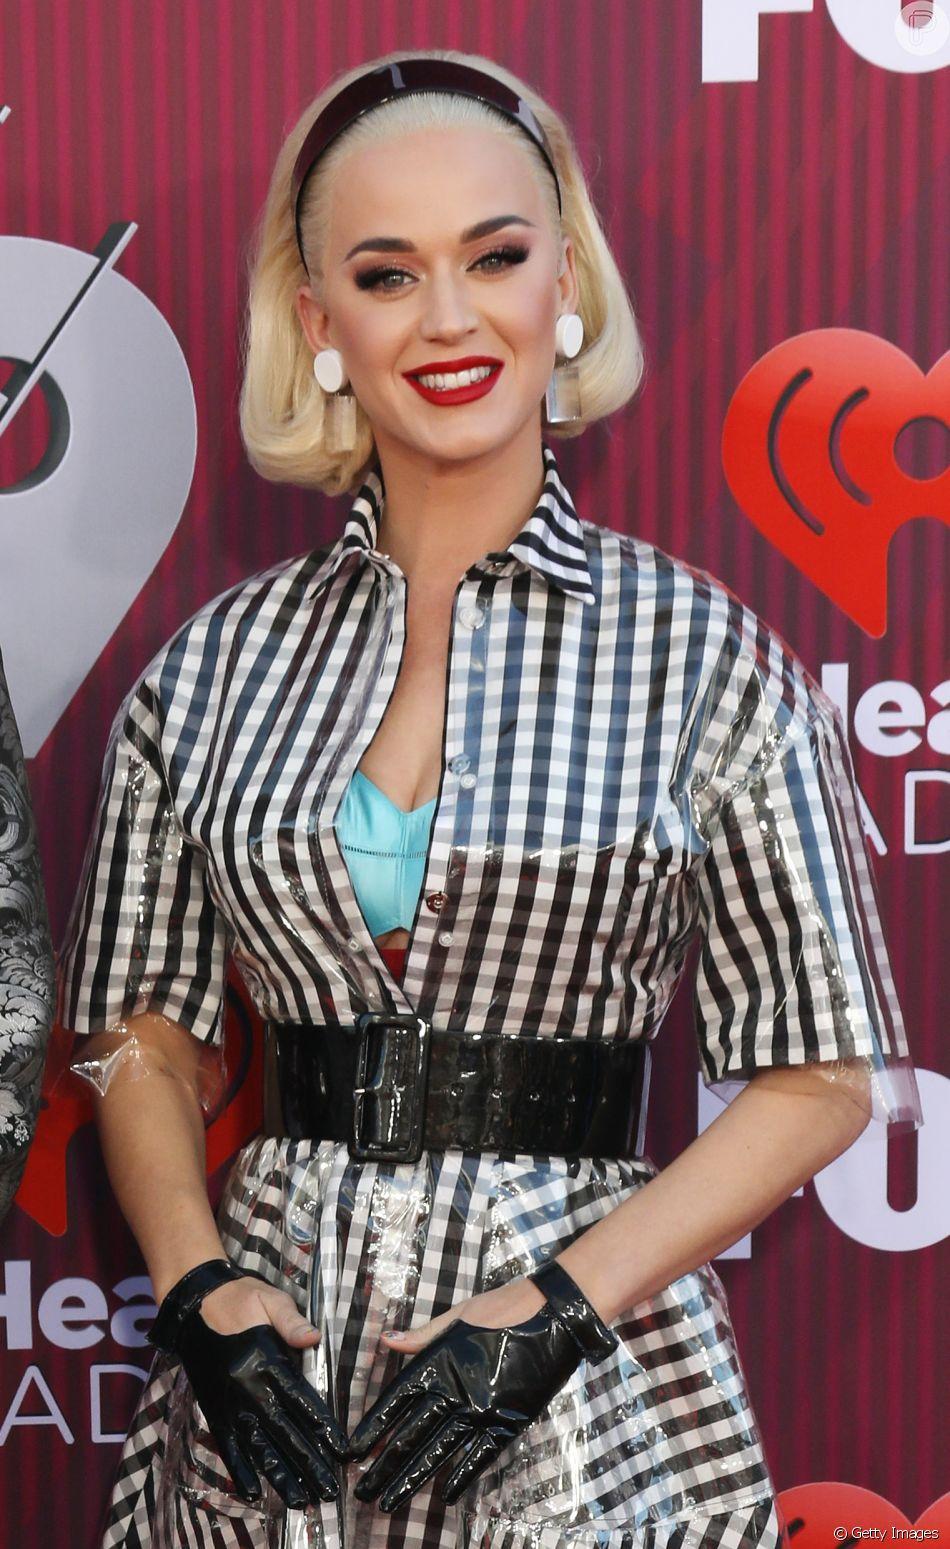 Os detalhes do look de Katy Perry que fizeram toda a diferença